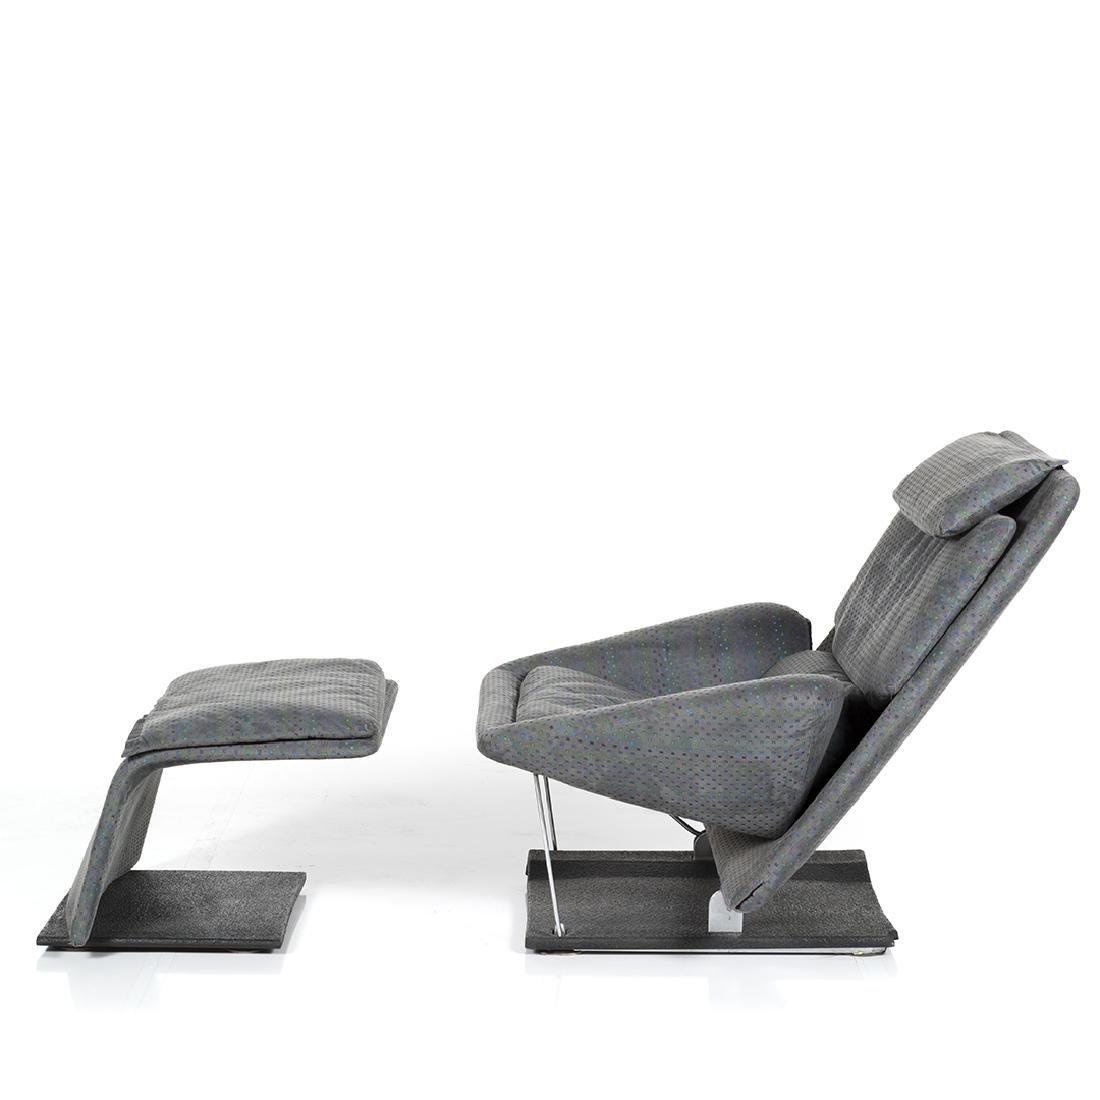 Saporiti Lounge Chair and Ottoman - 5